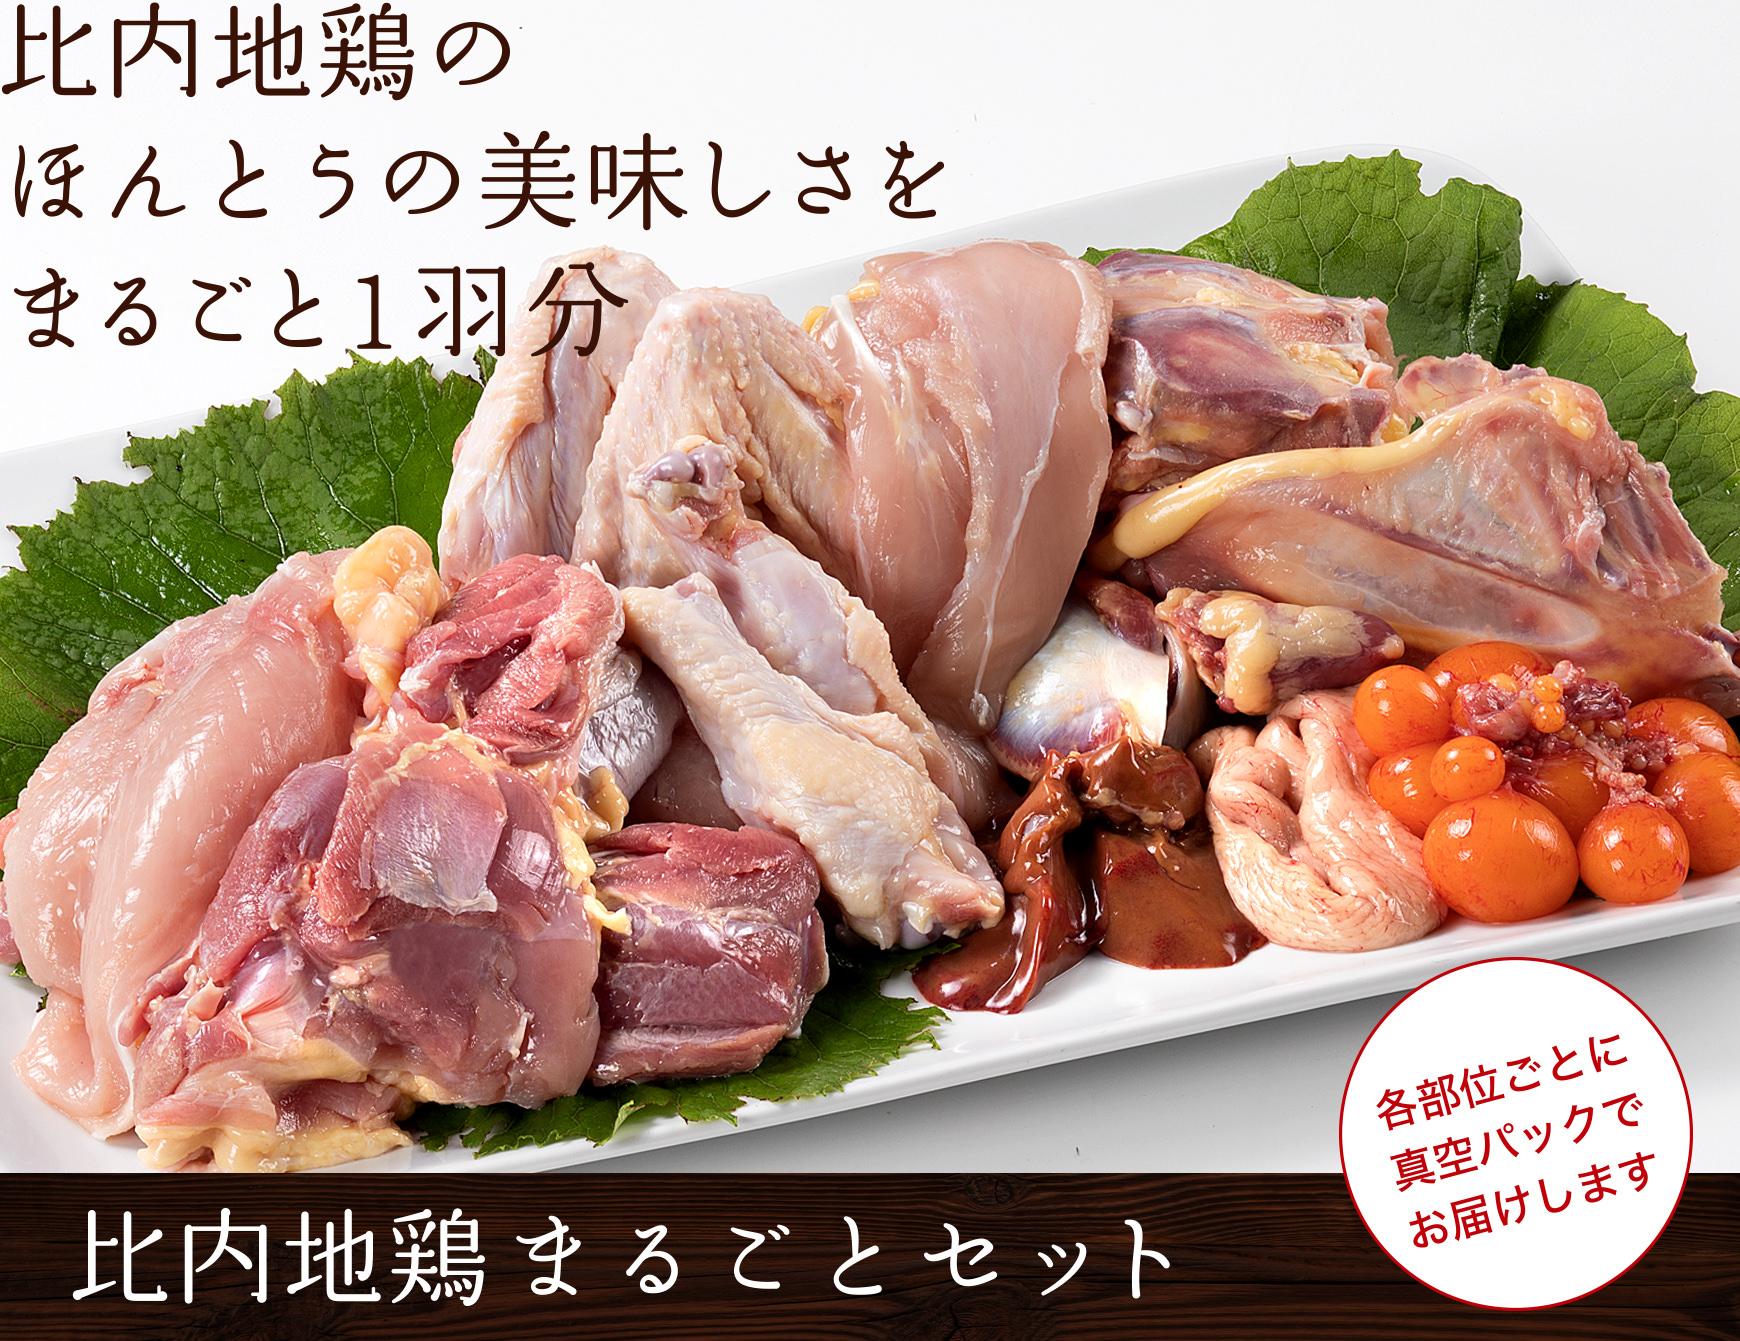 比内地鶏のほんとうの美味しさをまるごと一羽分、真空パックでお届けします